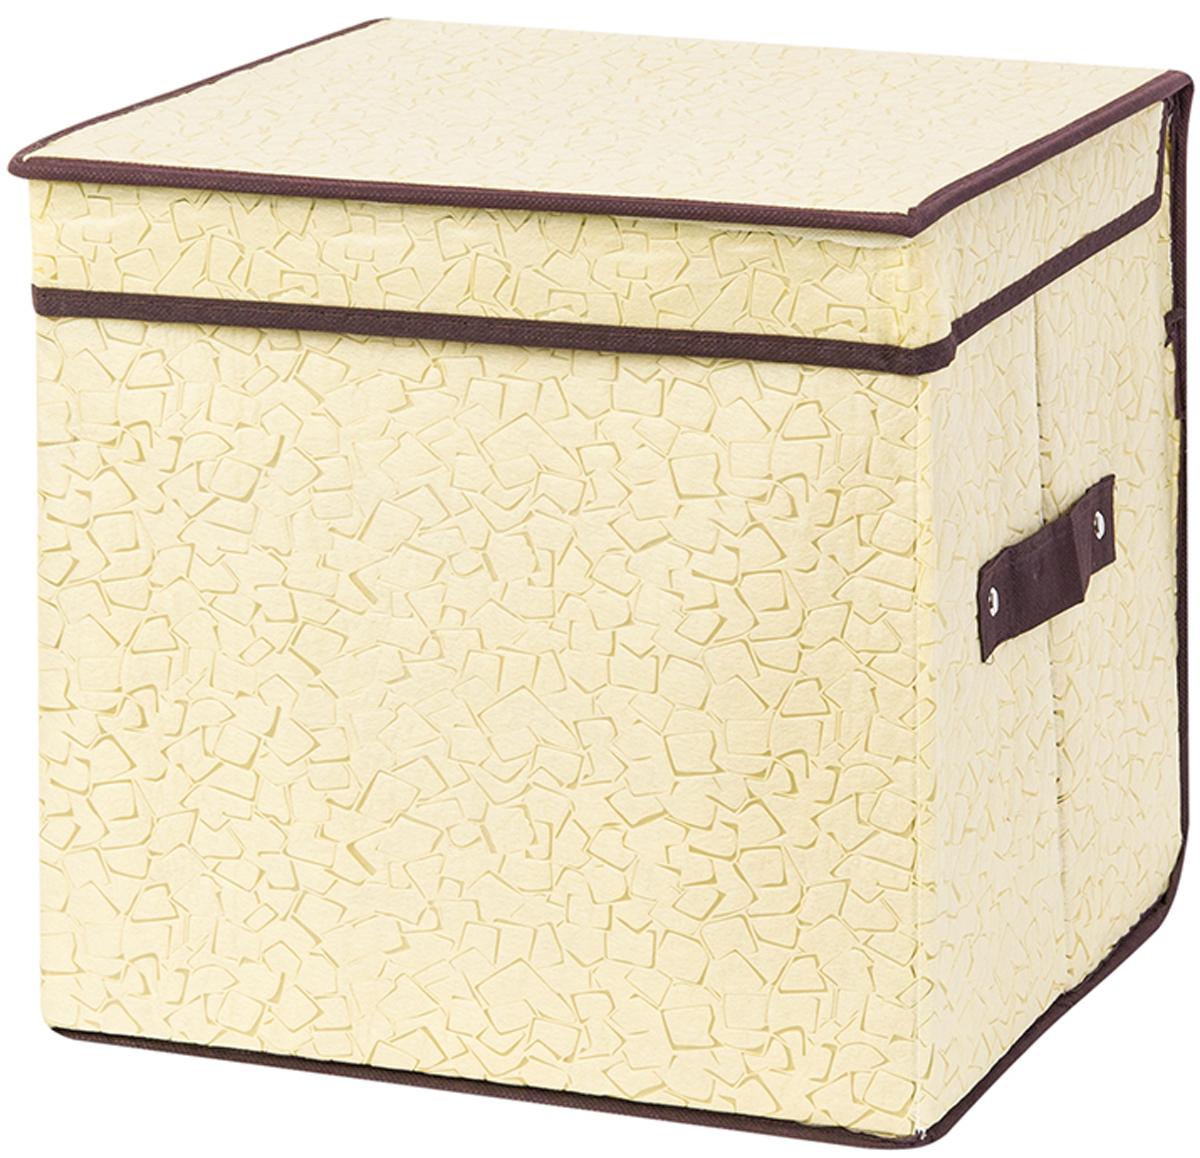 Кофр складной для хранения El Casa Песочная мозаика, 31 х 31 х 31 см370750Кофр для хранения представляет собой закрывающуюся крышкой коробку жесткой конструкции, благодаря наличию внутри плотных листов картона. Для удобства у кофра есть ручка. Специально предназначен для защиты вашей одежды от воздействия негативных внешних факторов: влаги и сырости, моли, выгорания, грязи. Позволит организовать хранение перчаток, ремней, шарфов.